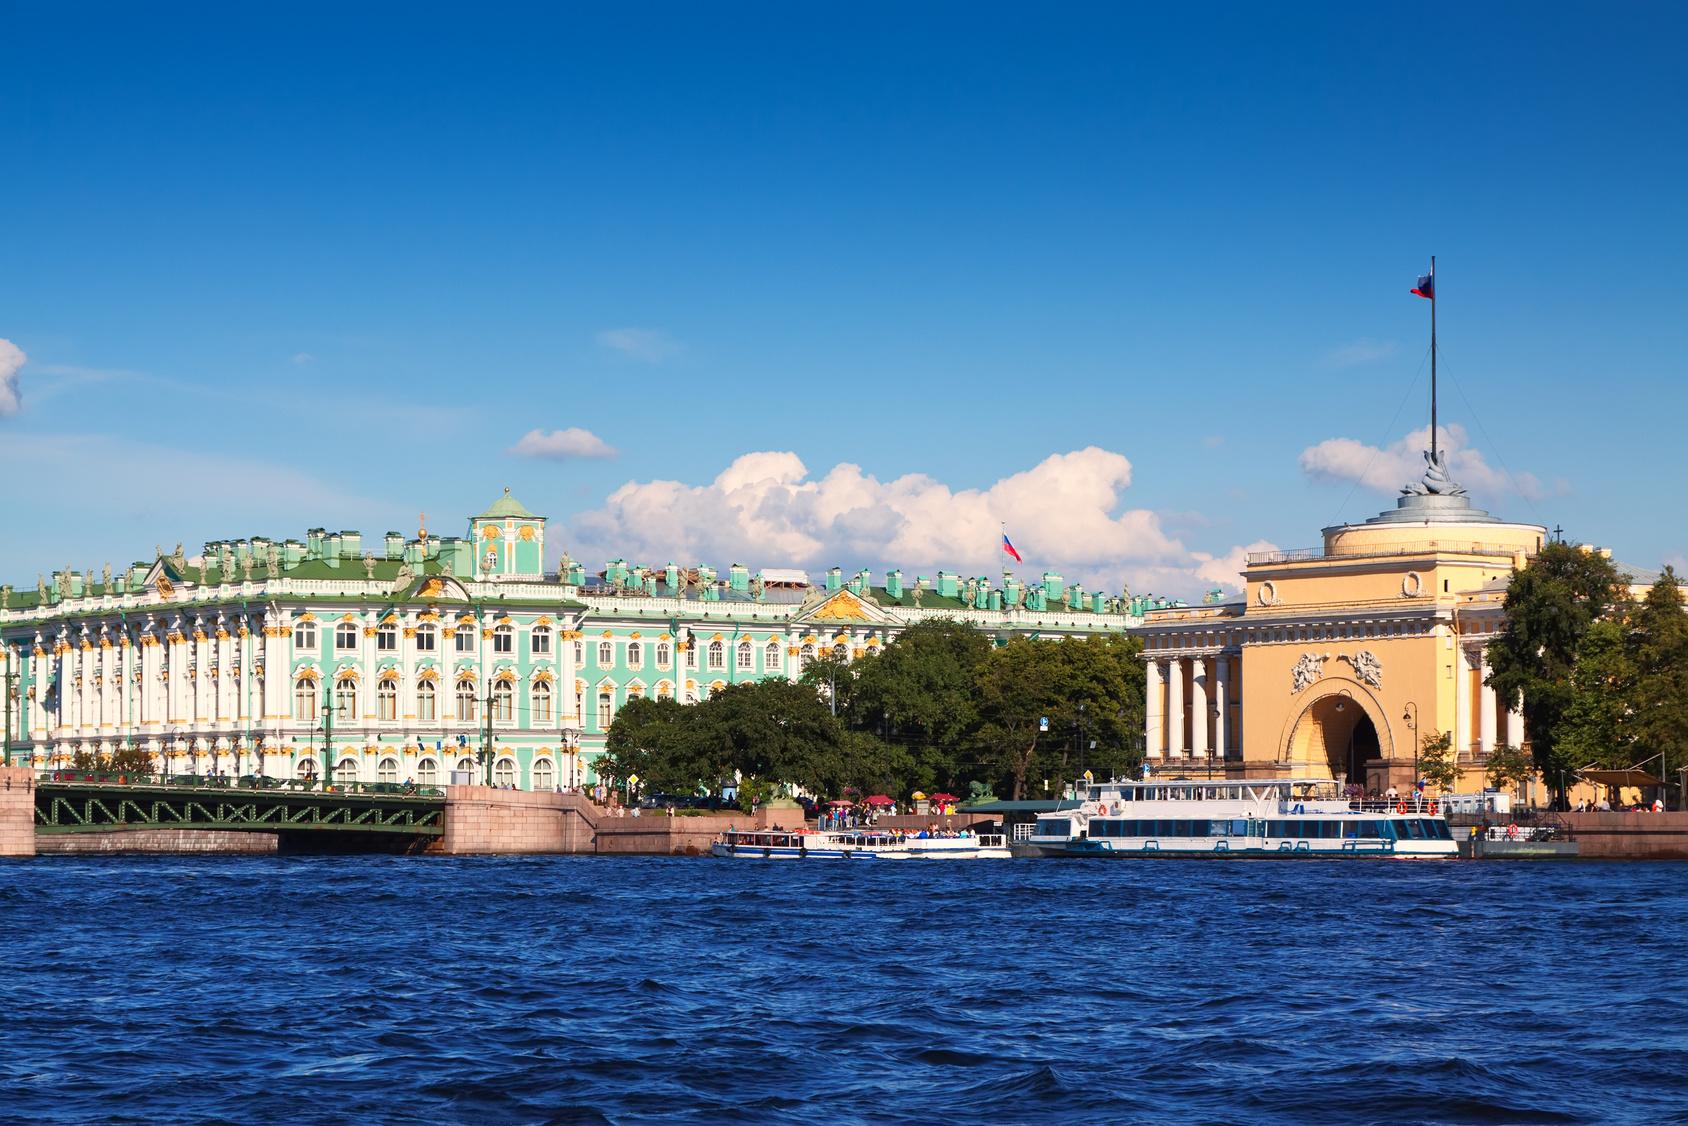 """Водные экскурсии в Санкт-Петербурге, водные экскурсии по рекам и каналам, водные экскурсии по Неве, водные прогулки на развод мостов, пристань """"Спуск со львами"""" у Адмиралтейской набережной д.2"""